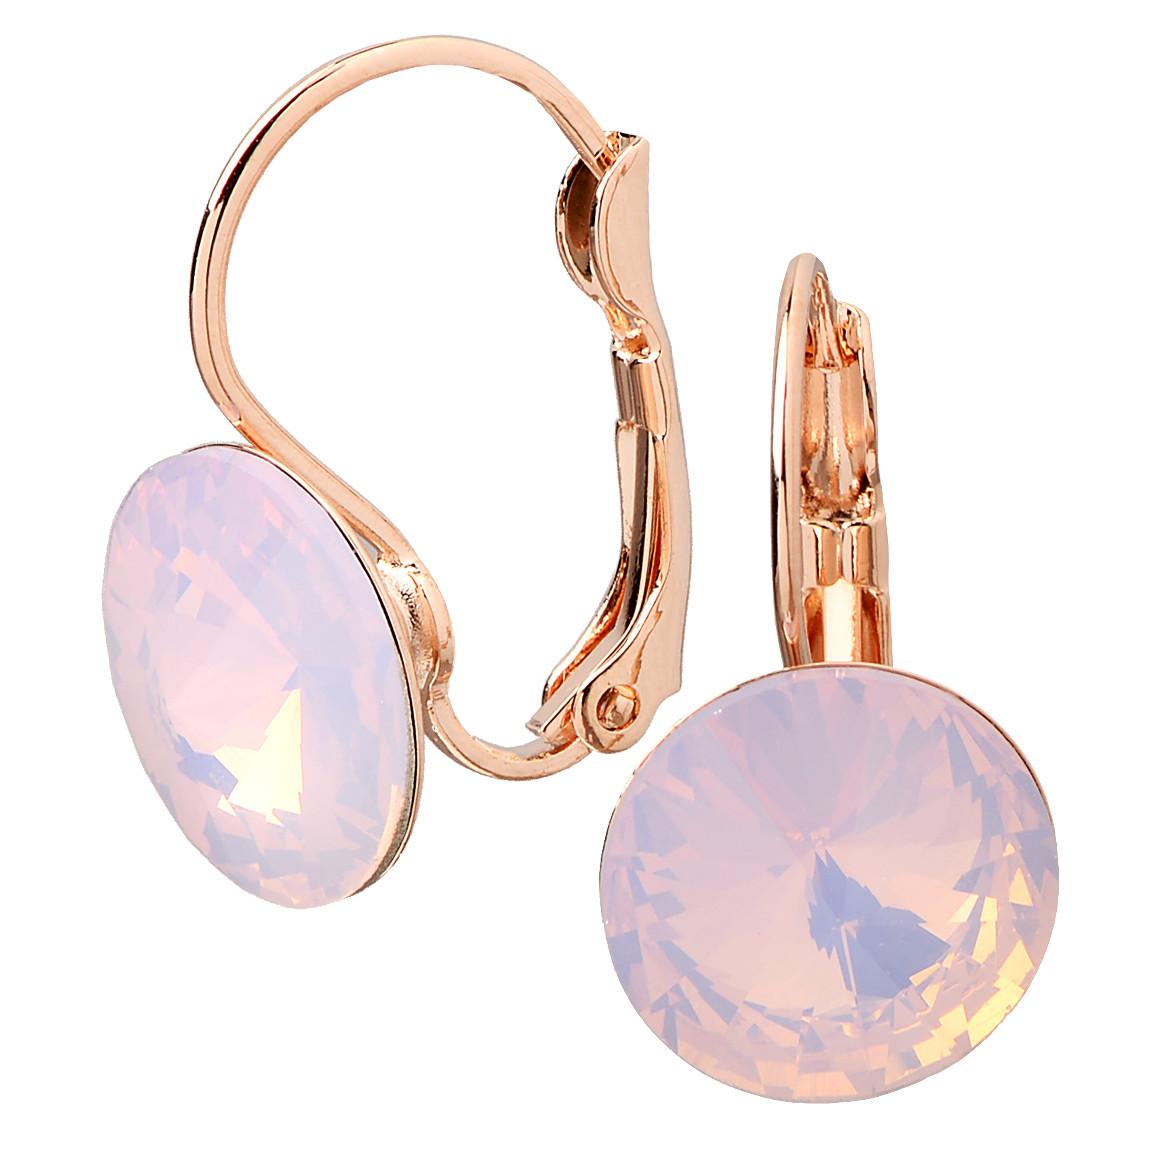 Damen Ohrringe mit Stein jetztbilligerkaufen